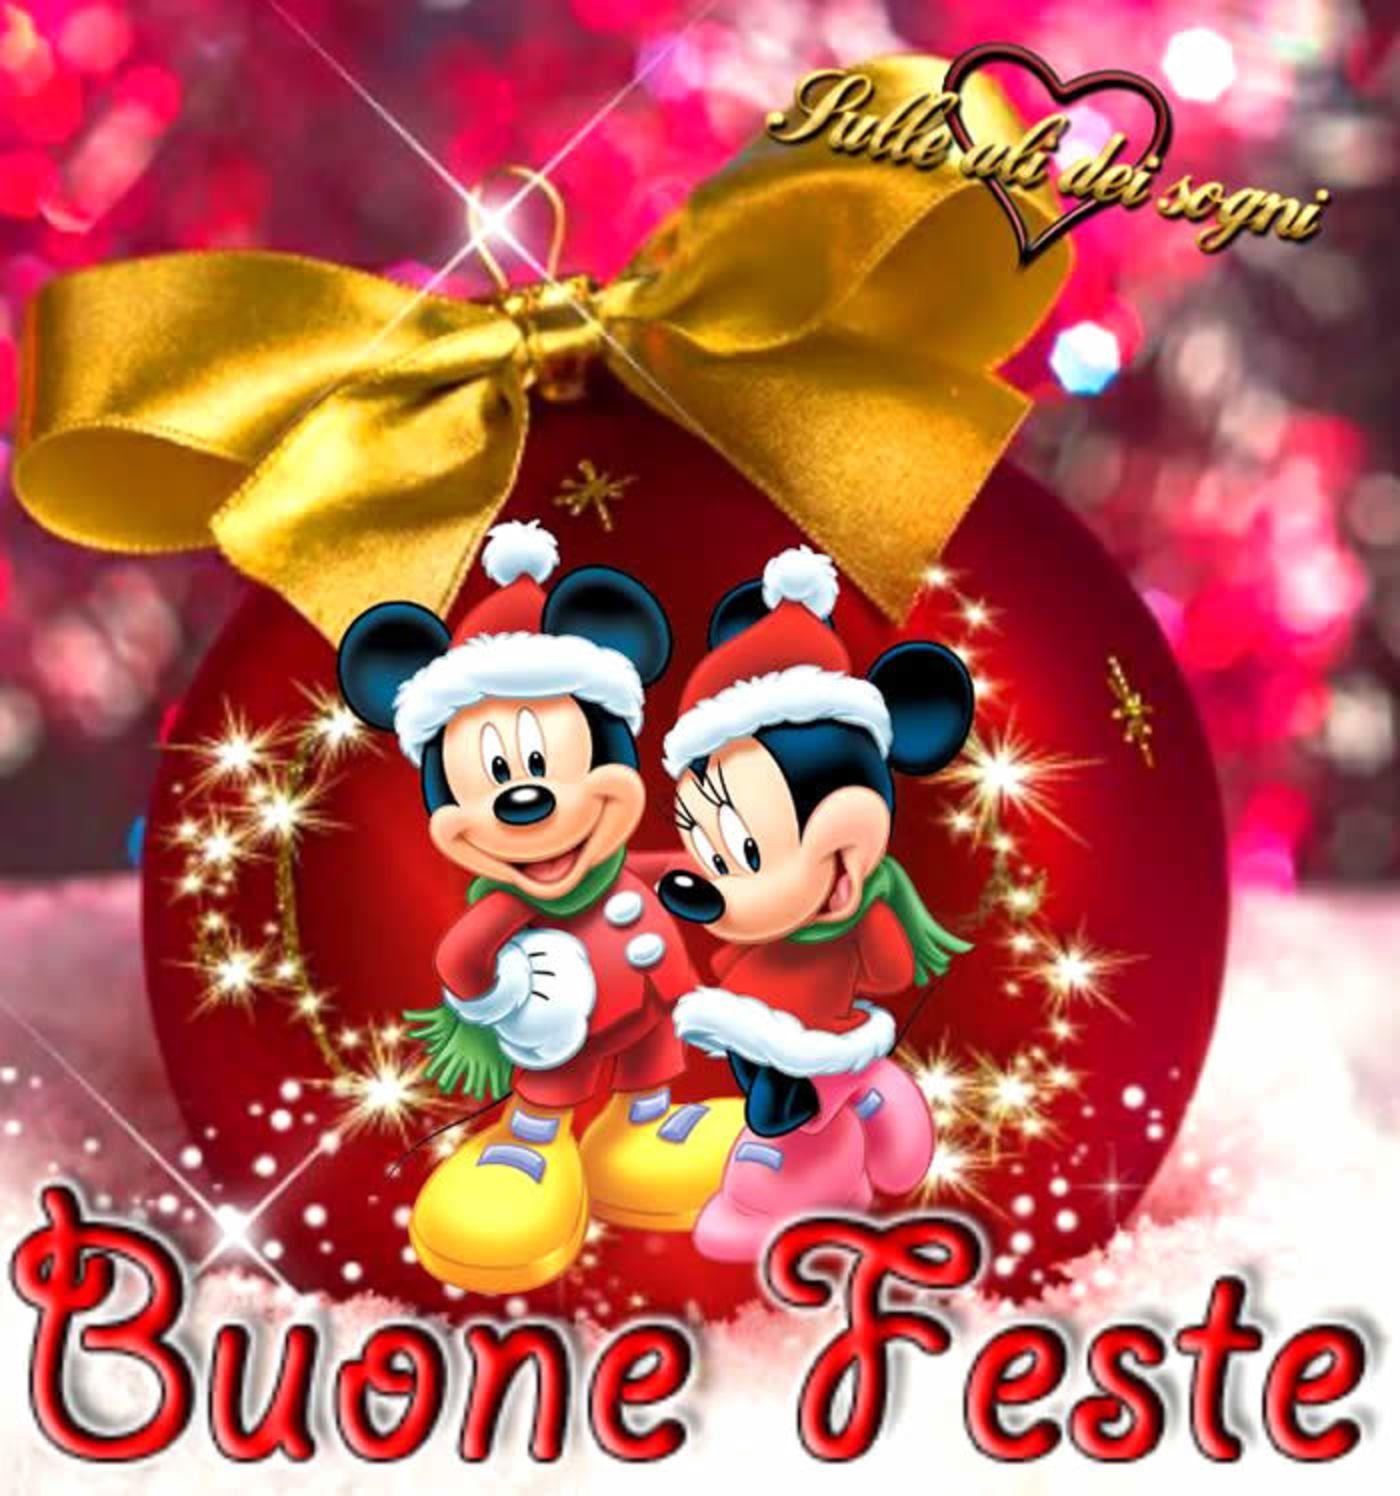 Natale Immagini Belle.Belle Immagini Di Buon Natale 5721 Christmas Wishes Christmas Bulbs Christmas Cards